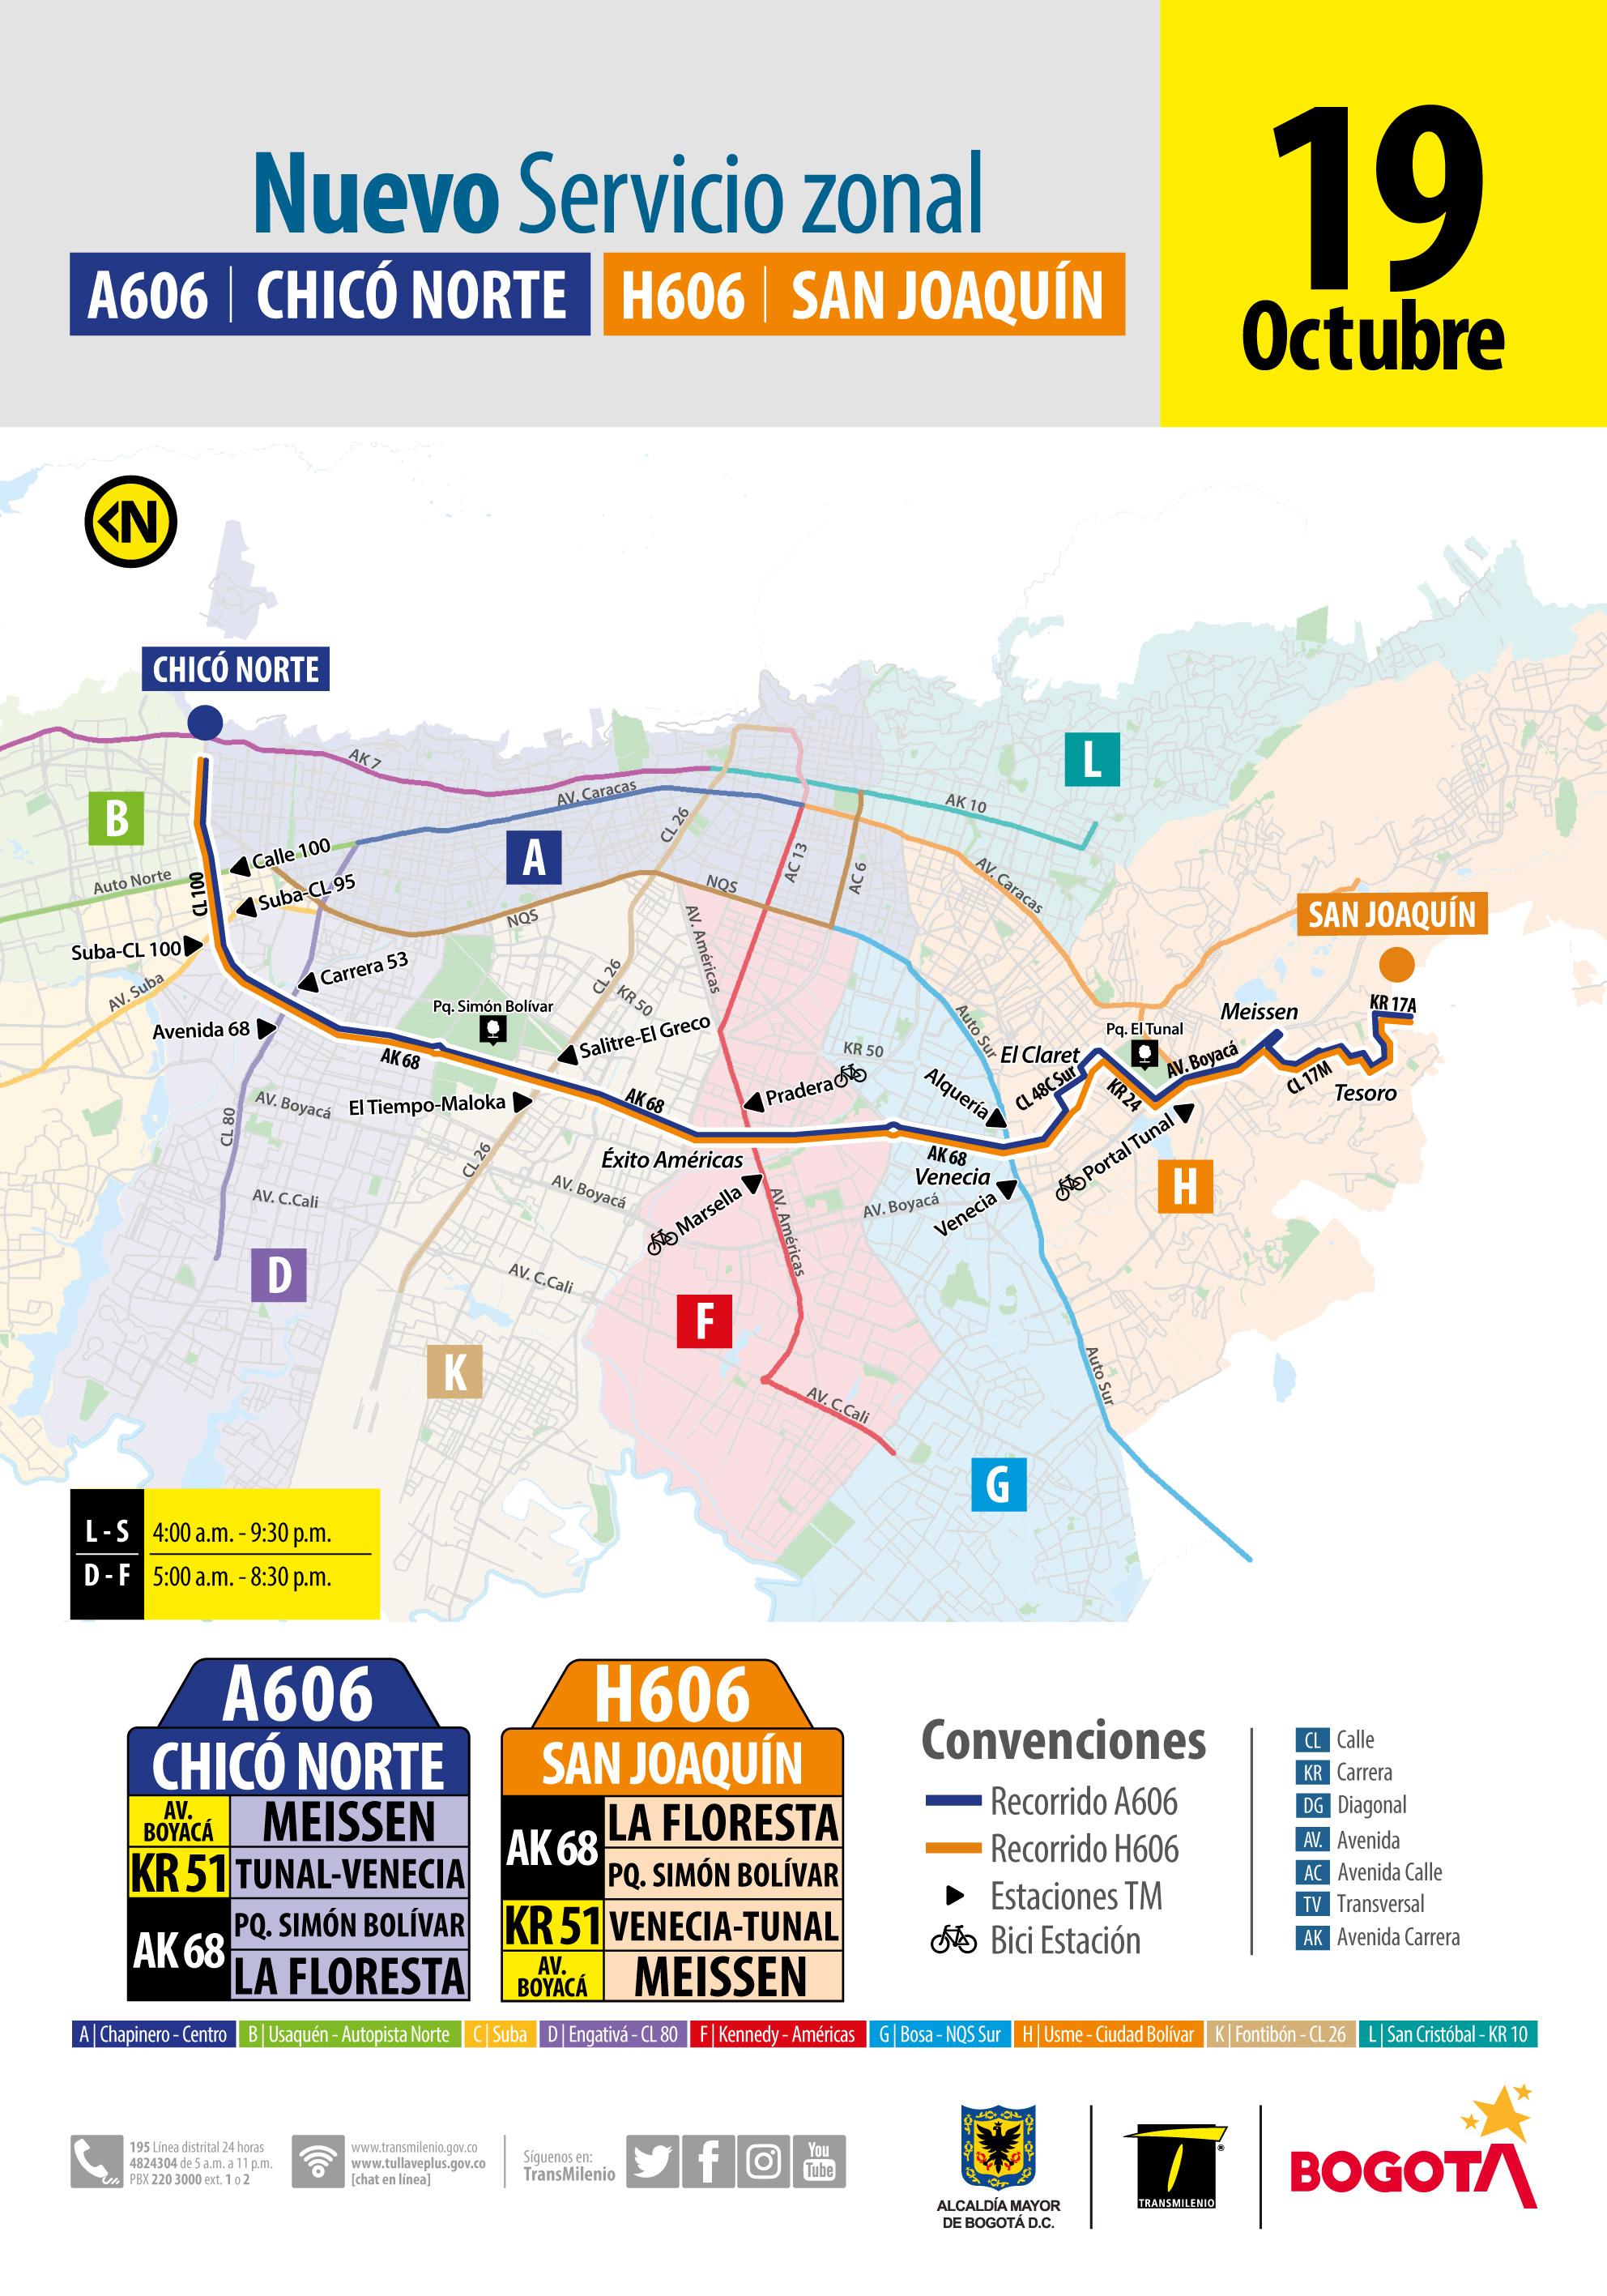 Nueva ruta H606-A606